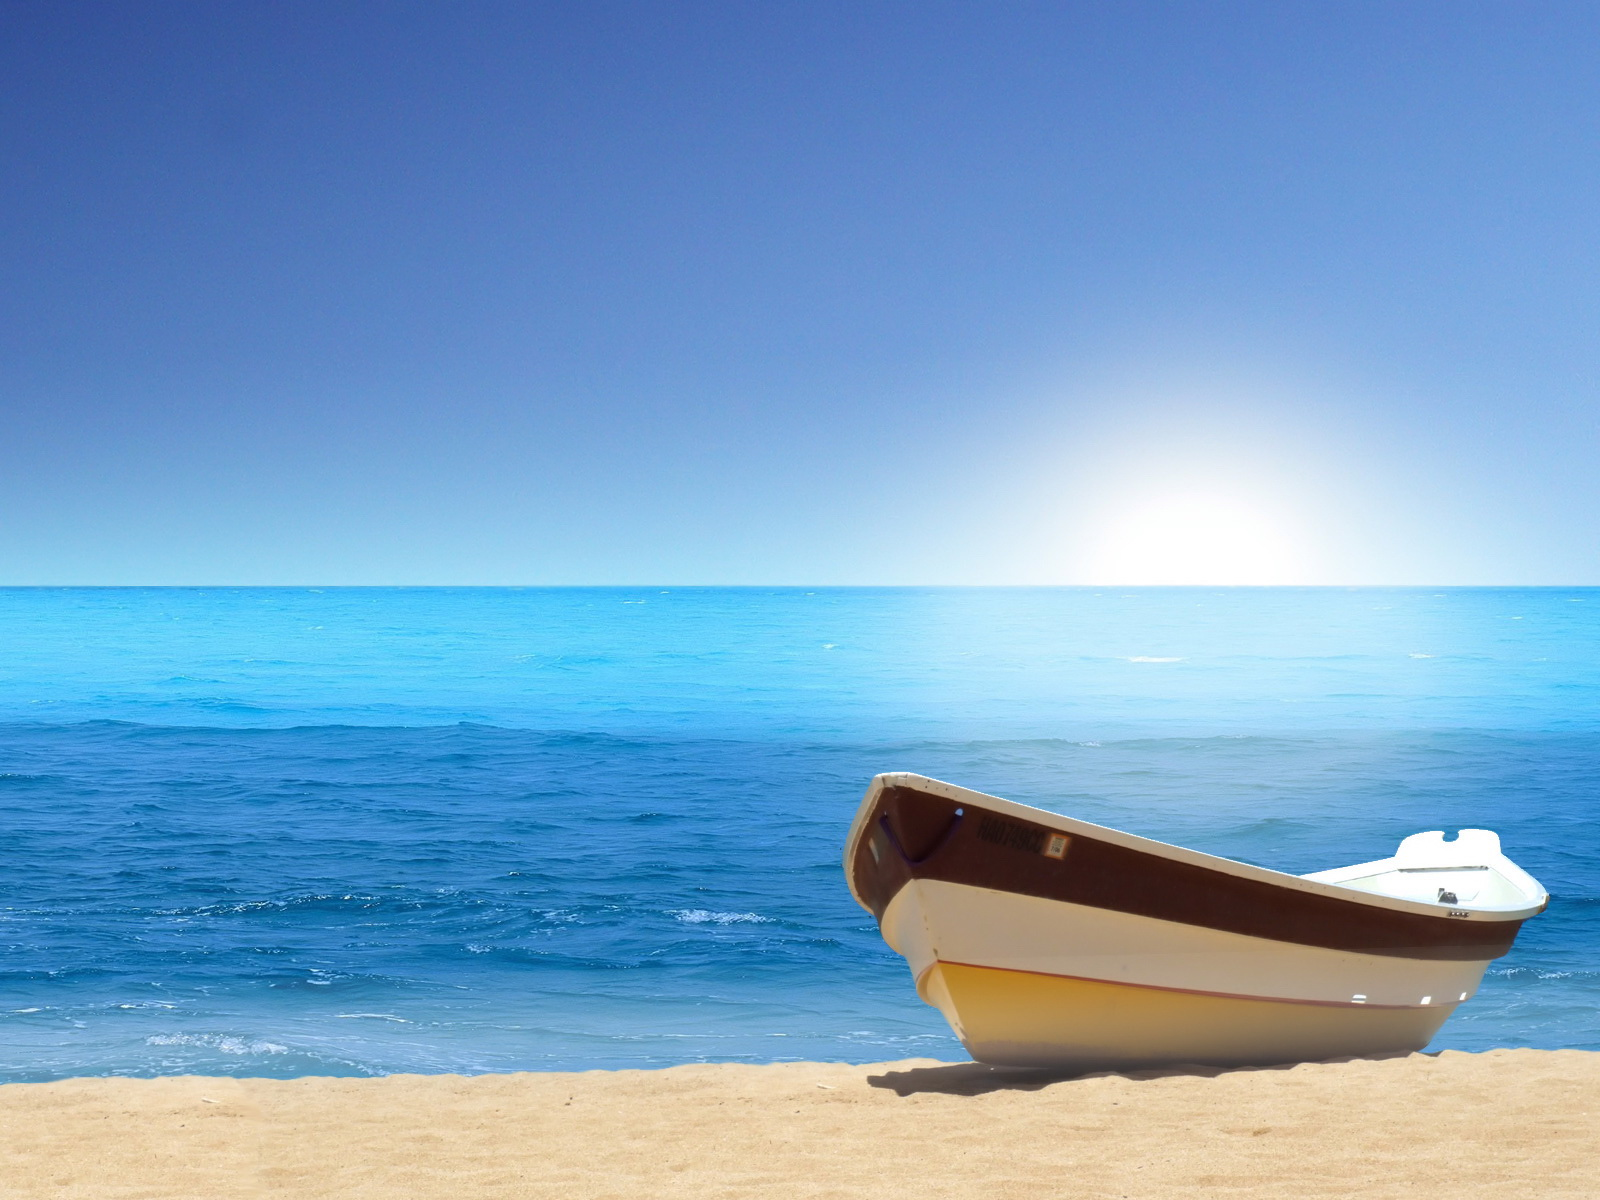 пляж, море, лодка, песок, скачать фото, обои для рабочего стола